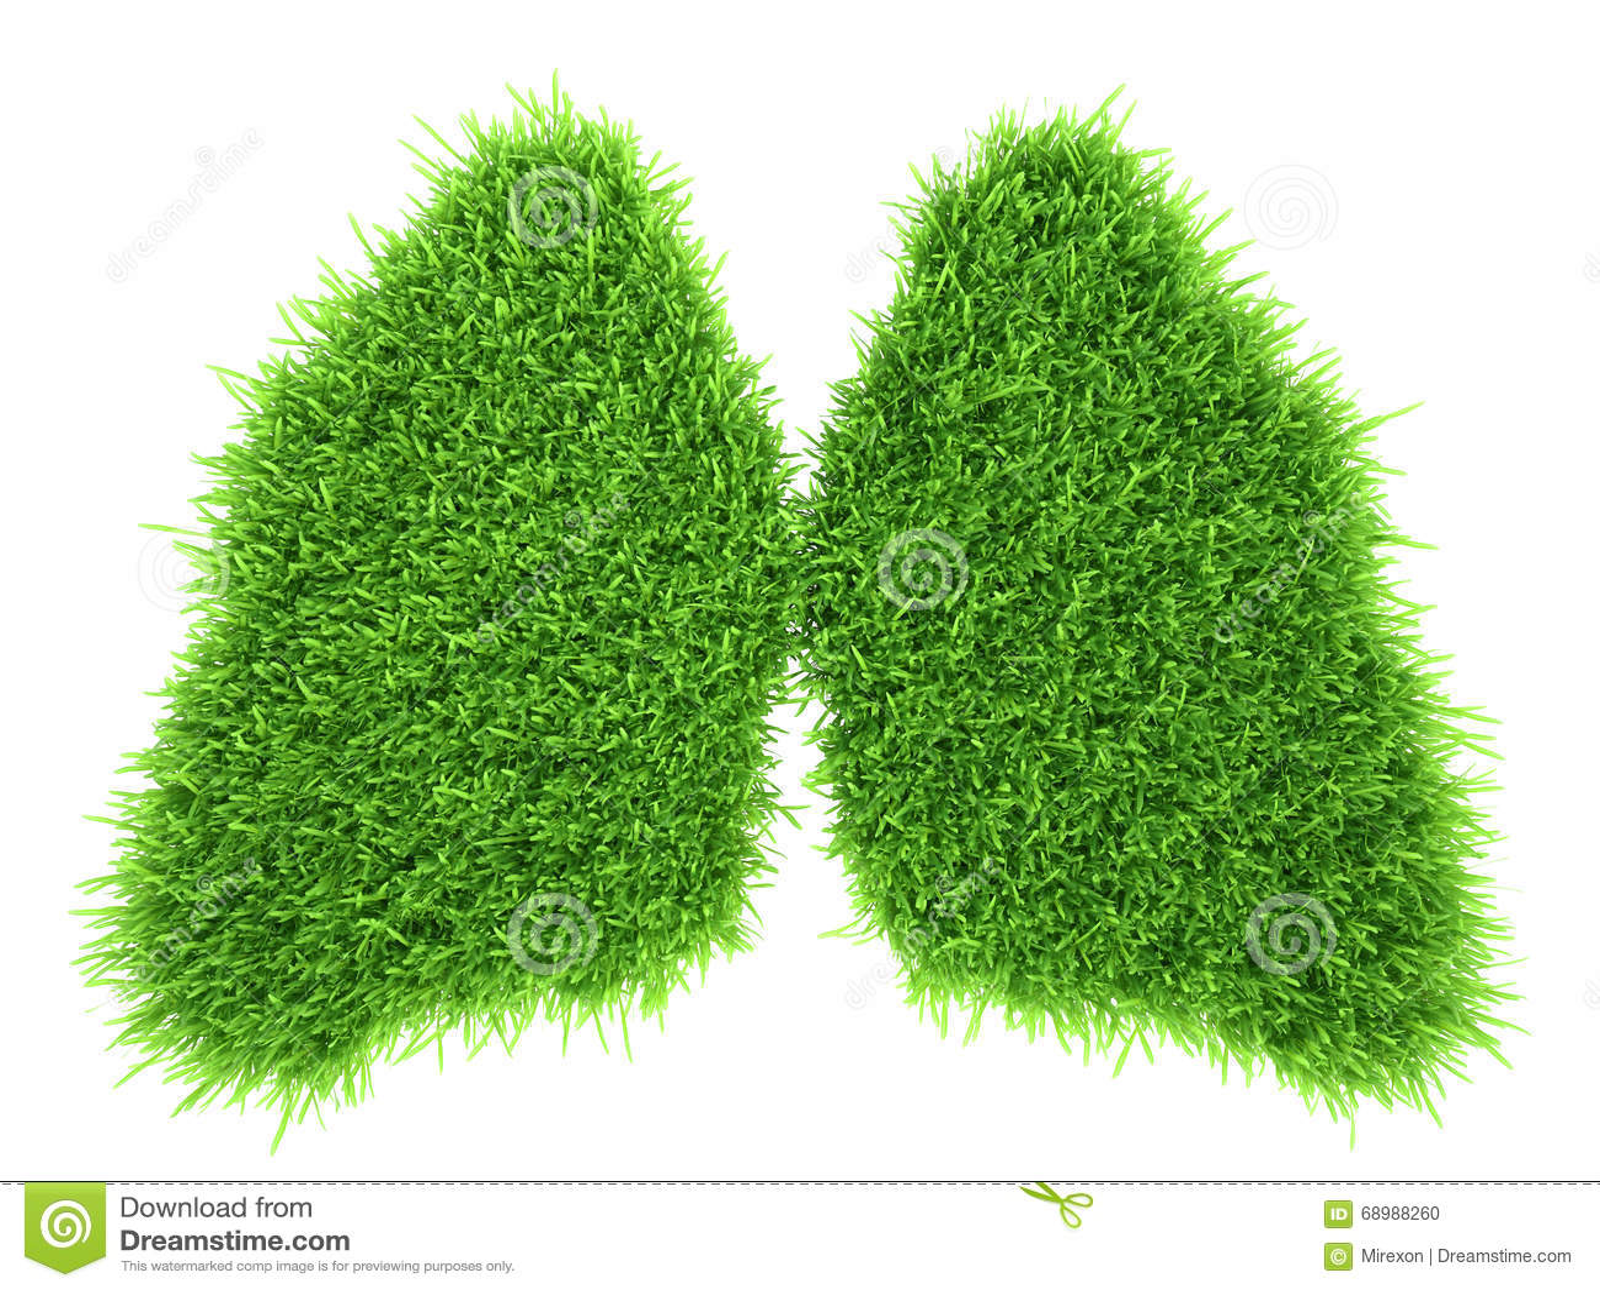 Pulmones humanos bajo la forma de hierba fresca verde